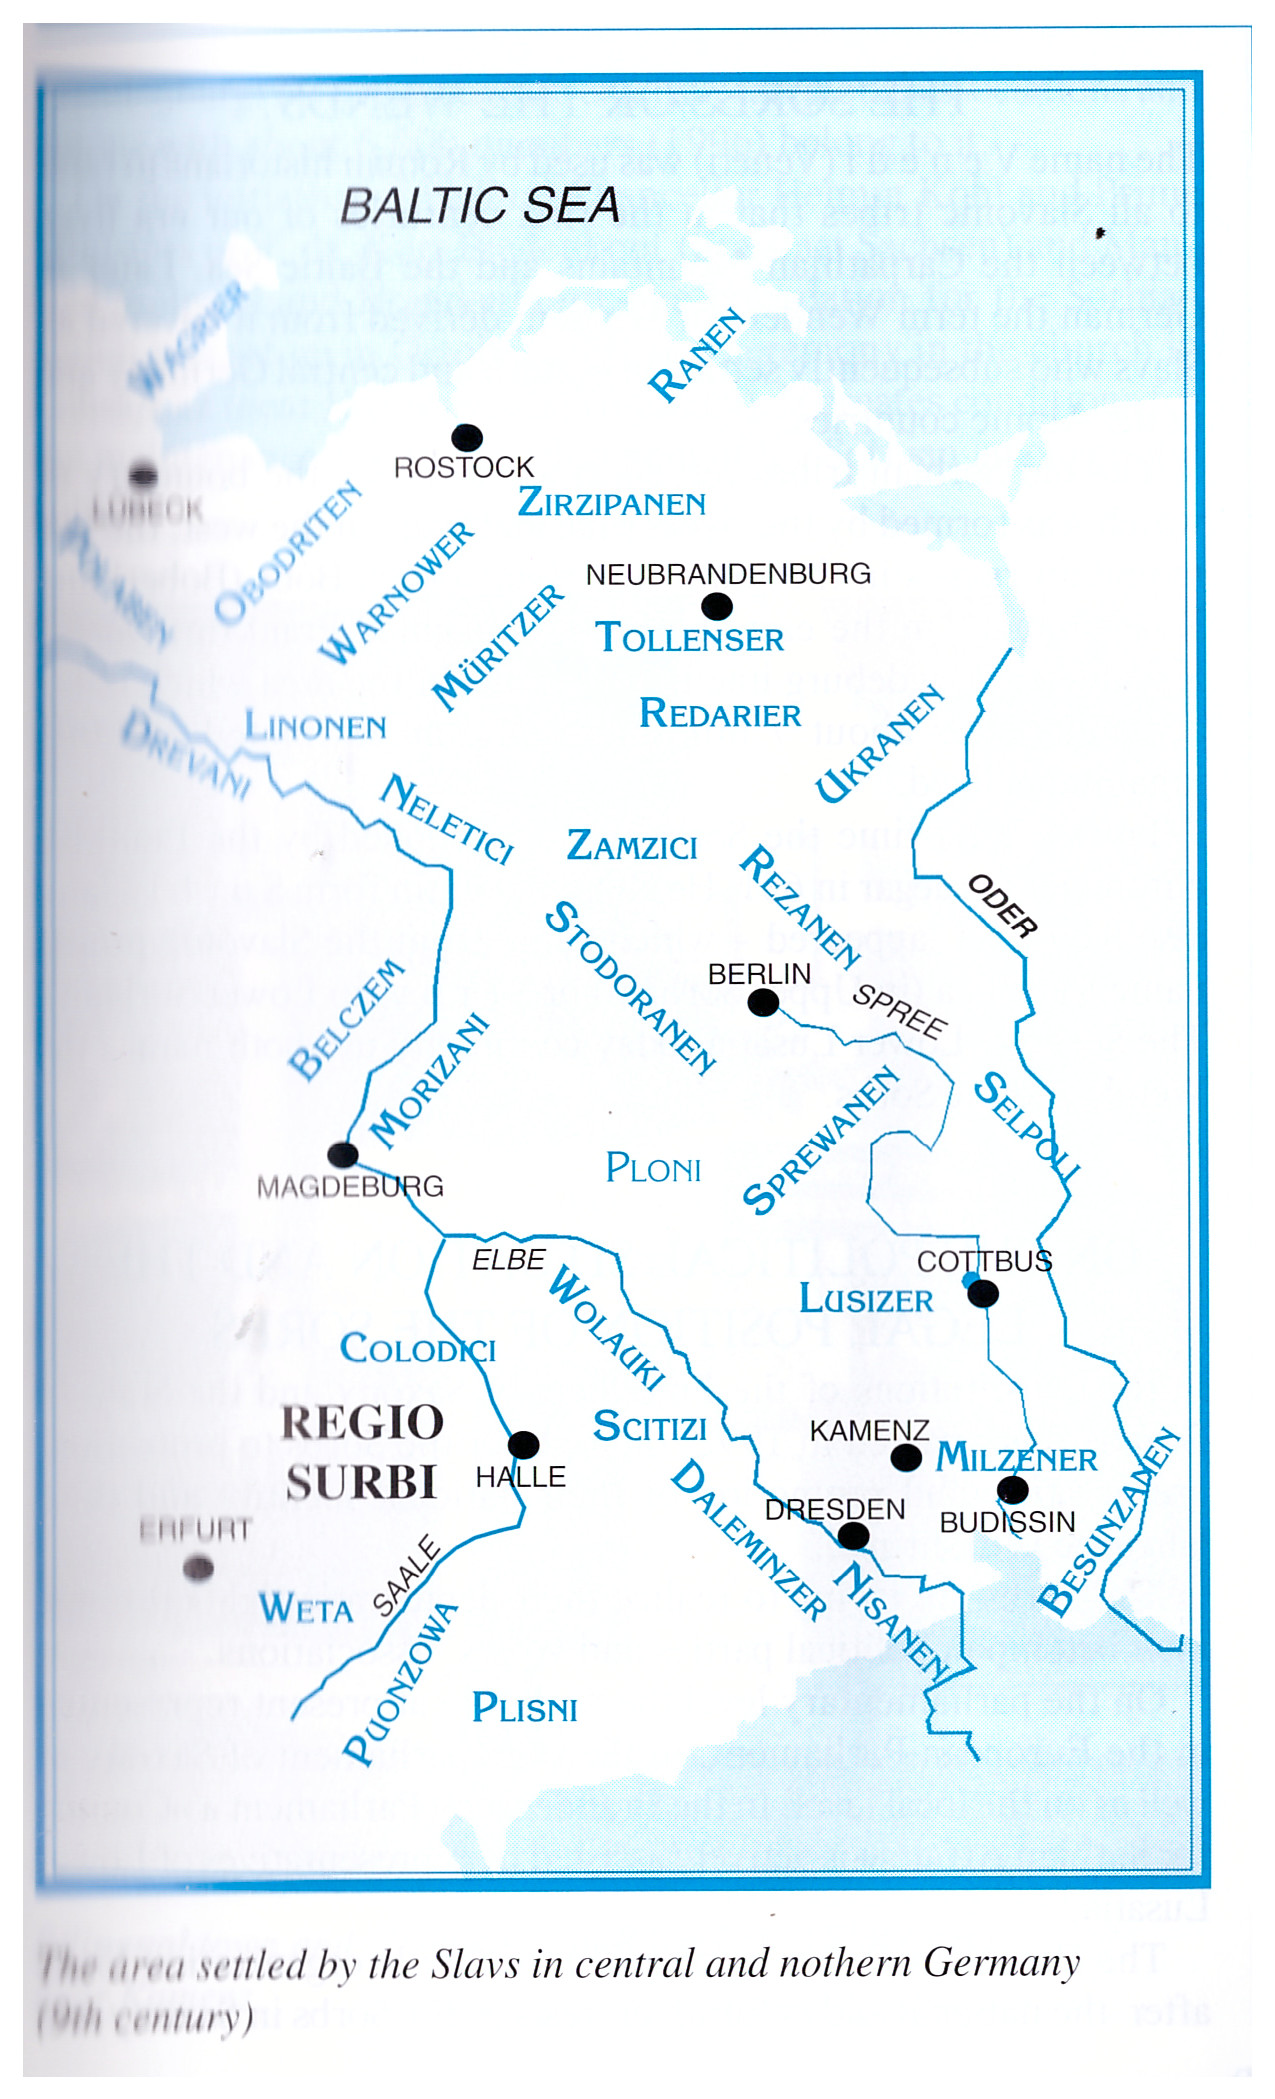 Област коју су настањивали Словени у централној и северној Немачкој у 19. веку